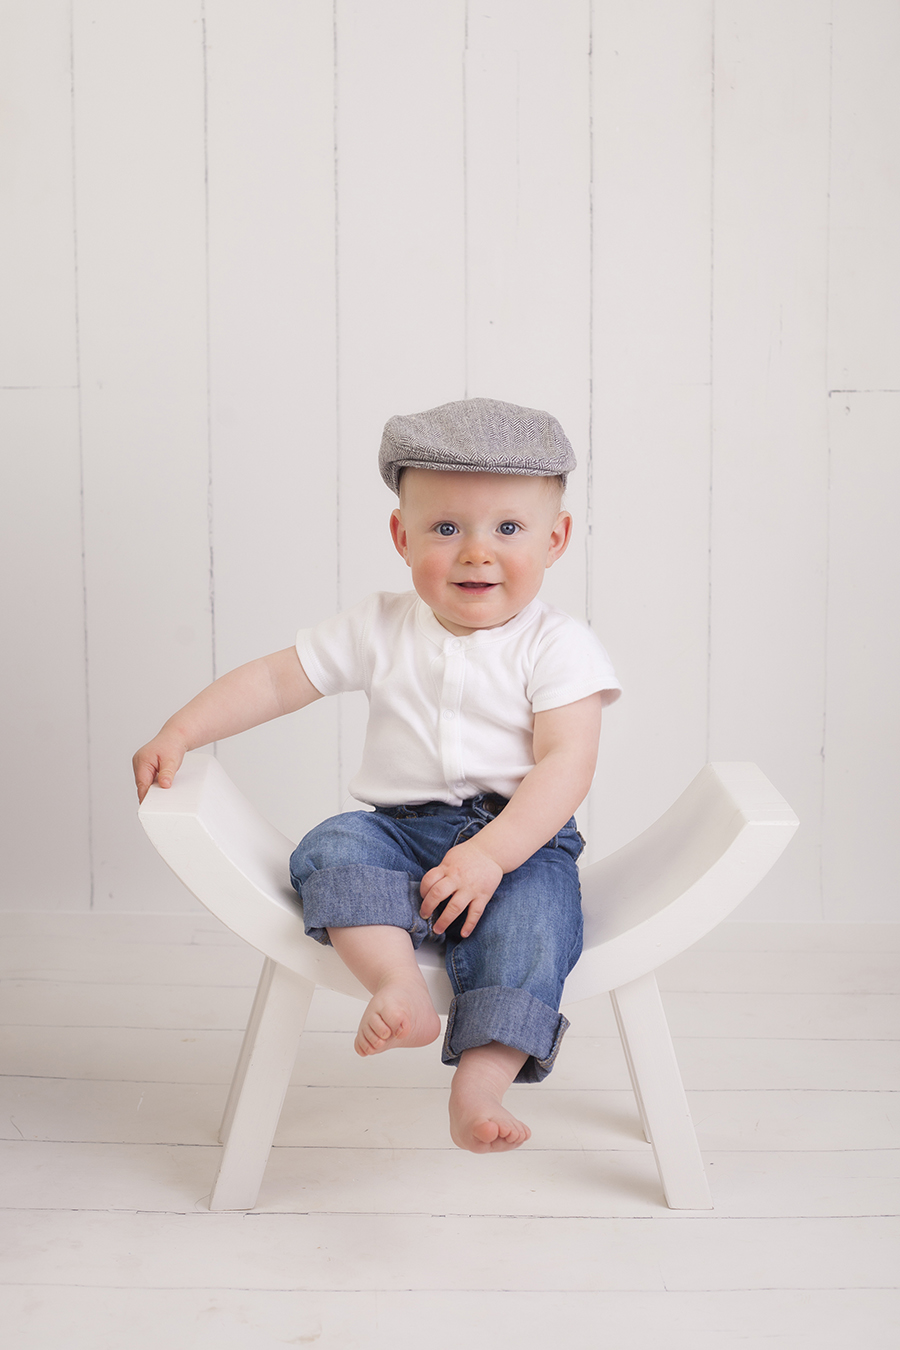 Baby & Child Photographer in Cambridge